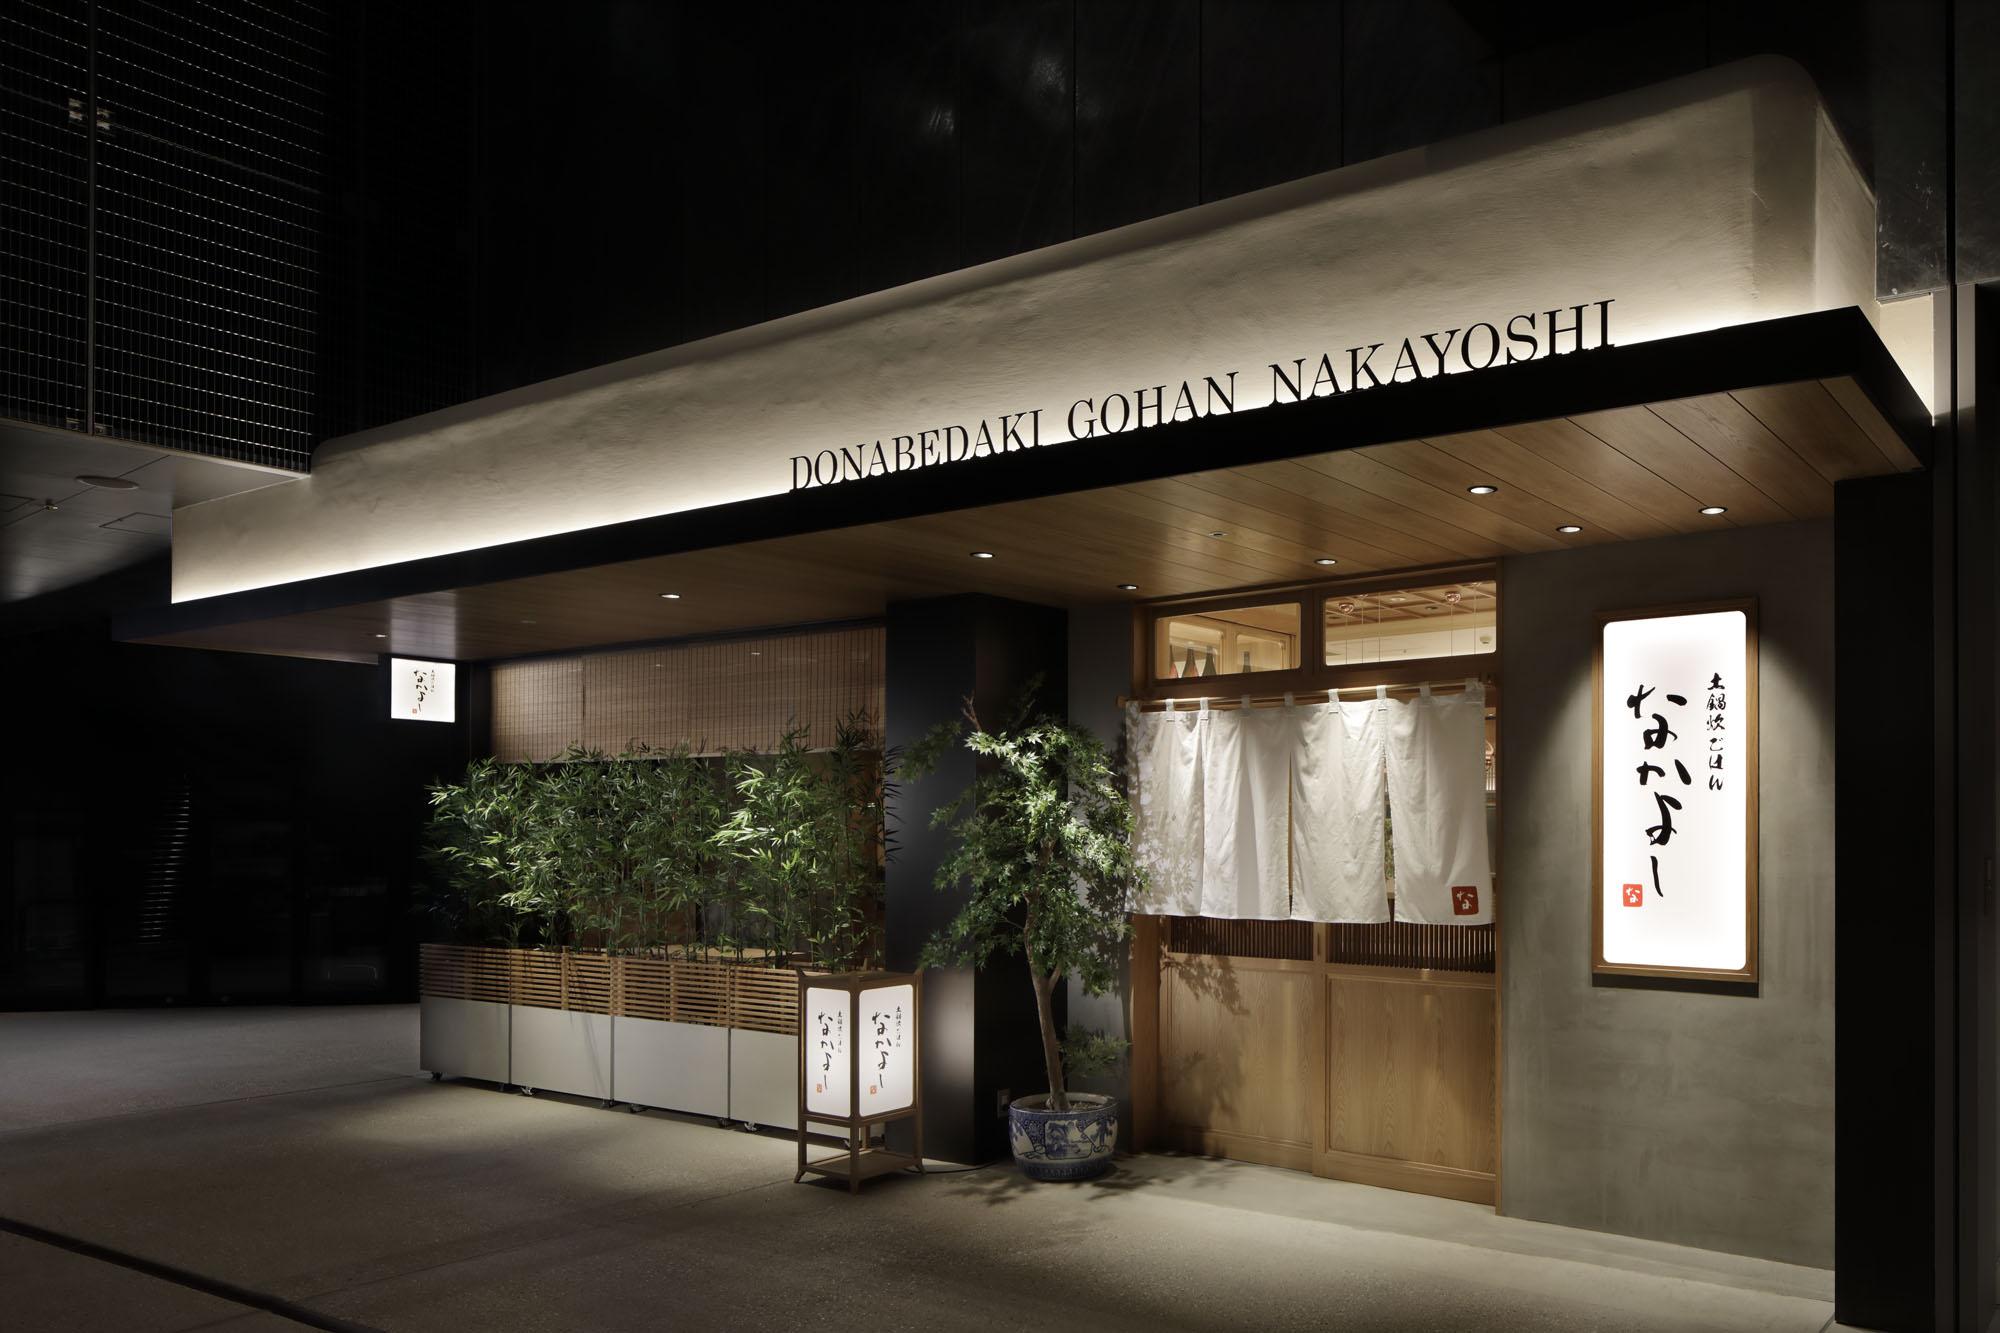 なかよし 渋谷ストリーム店 外観